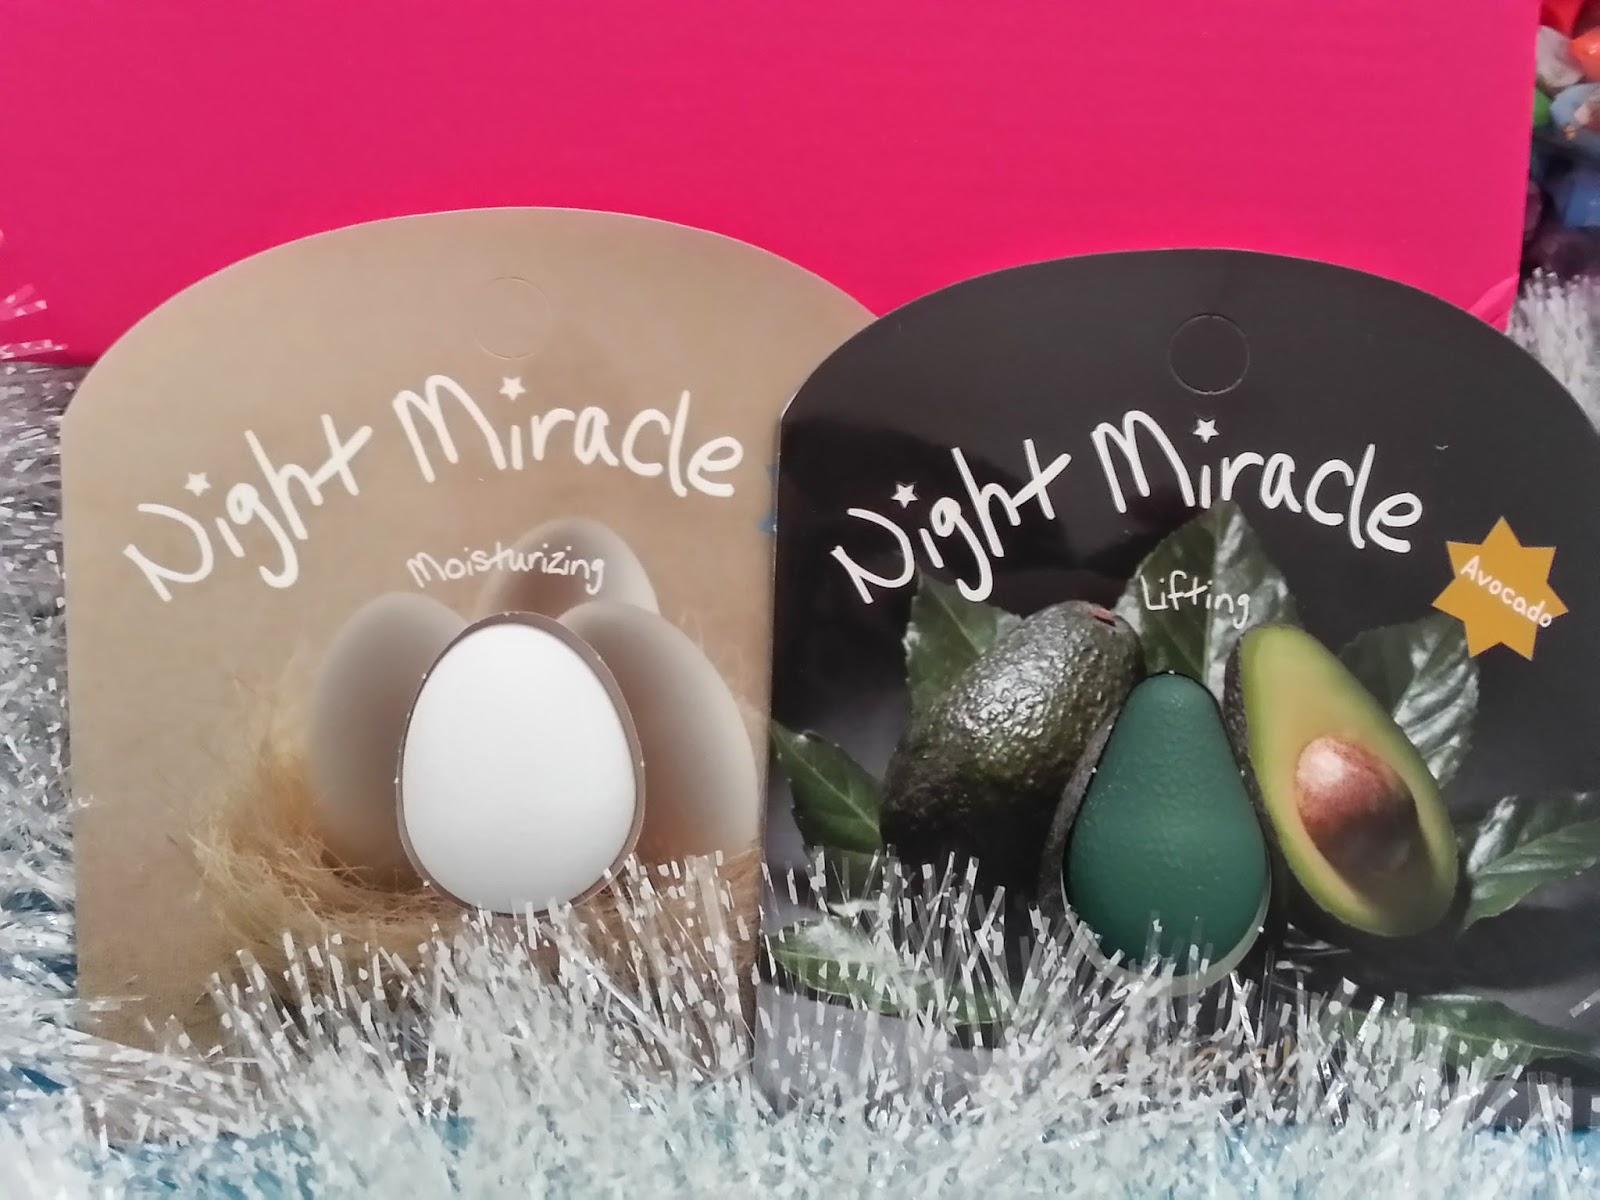 Lassei'el Night Miracle Sleeping Pack